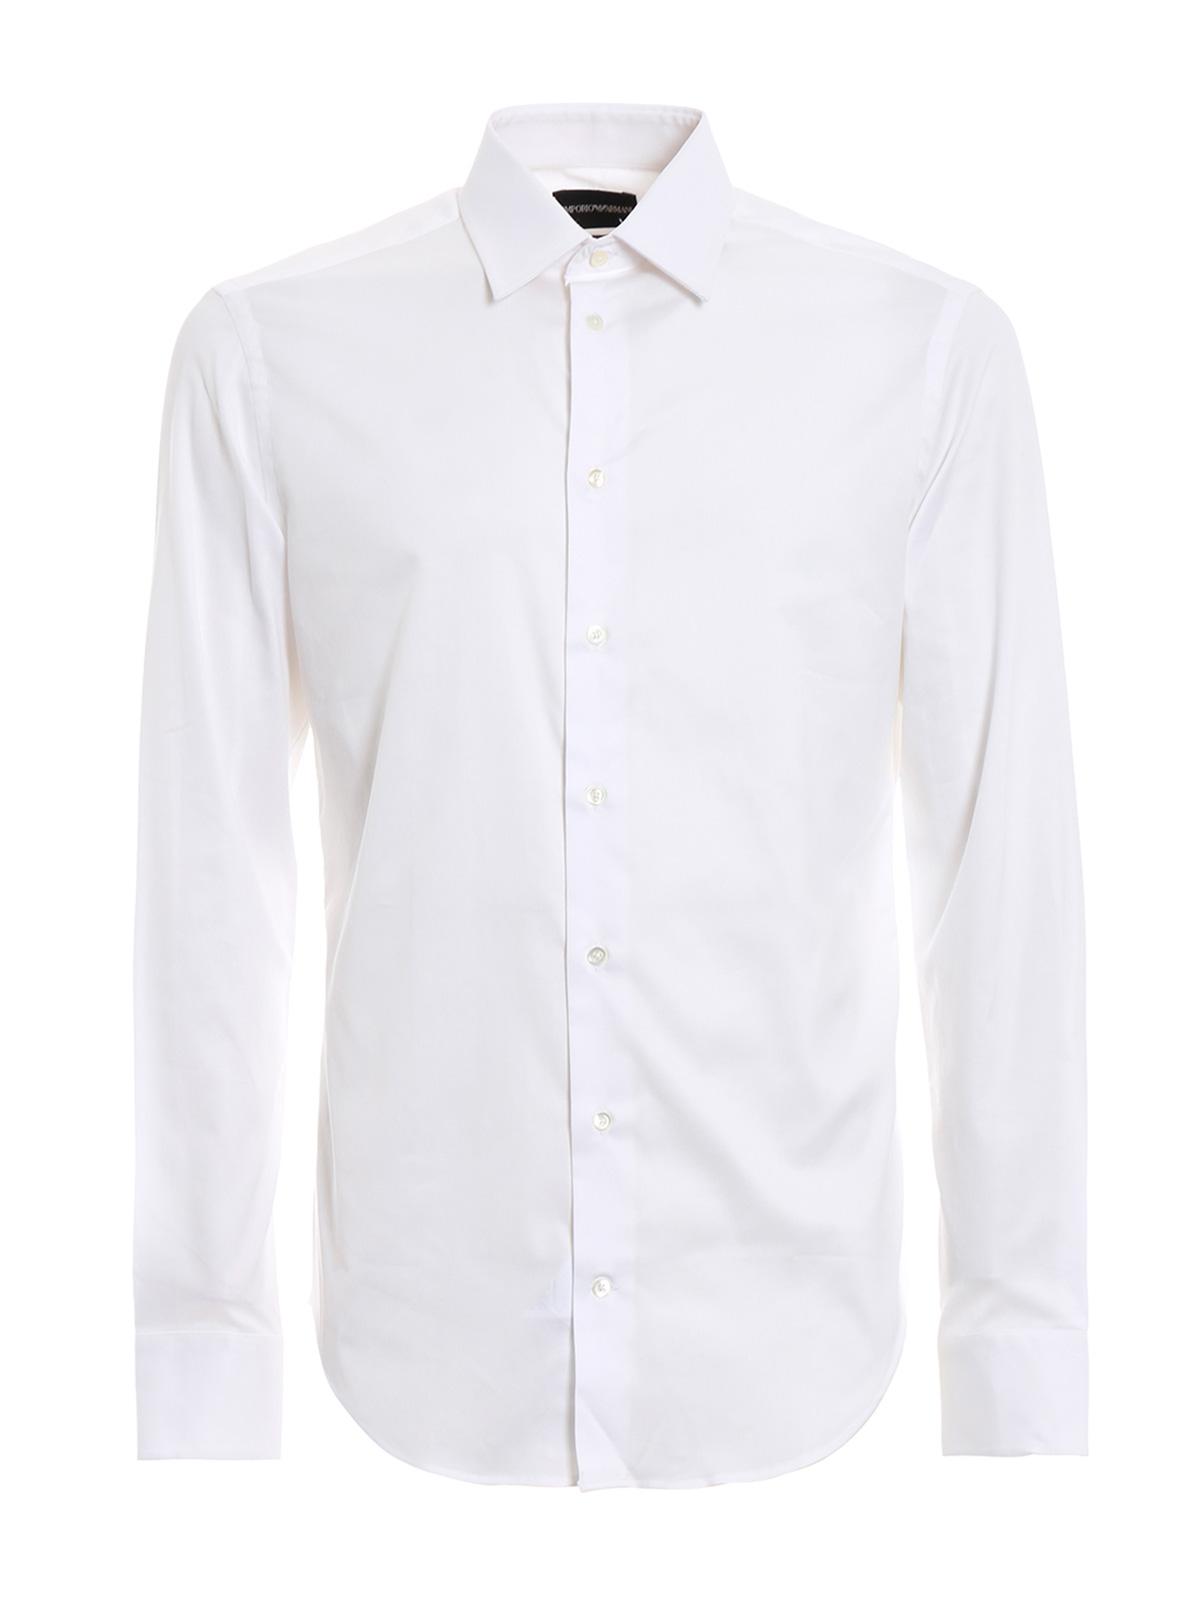 Immagine di EMPORIO ARMANI | Camicia Uomo in Cotone